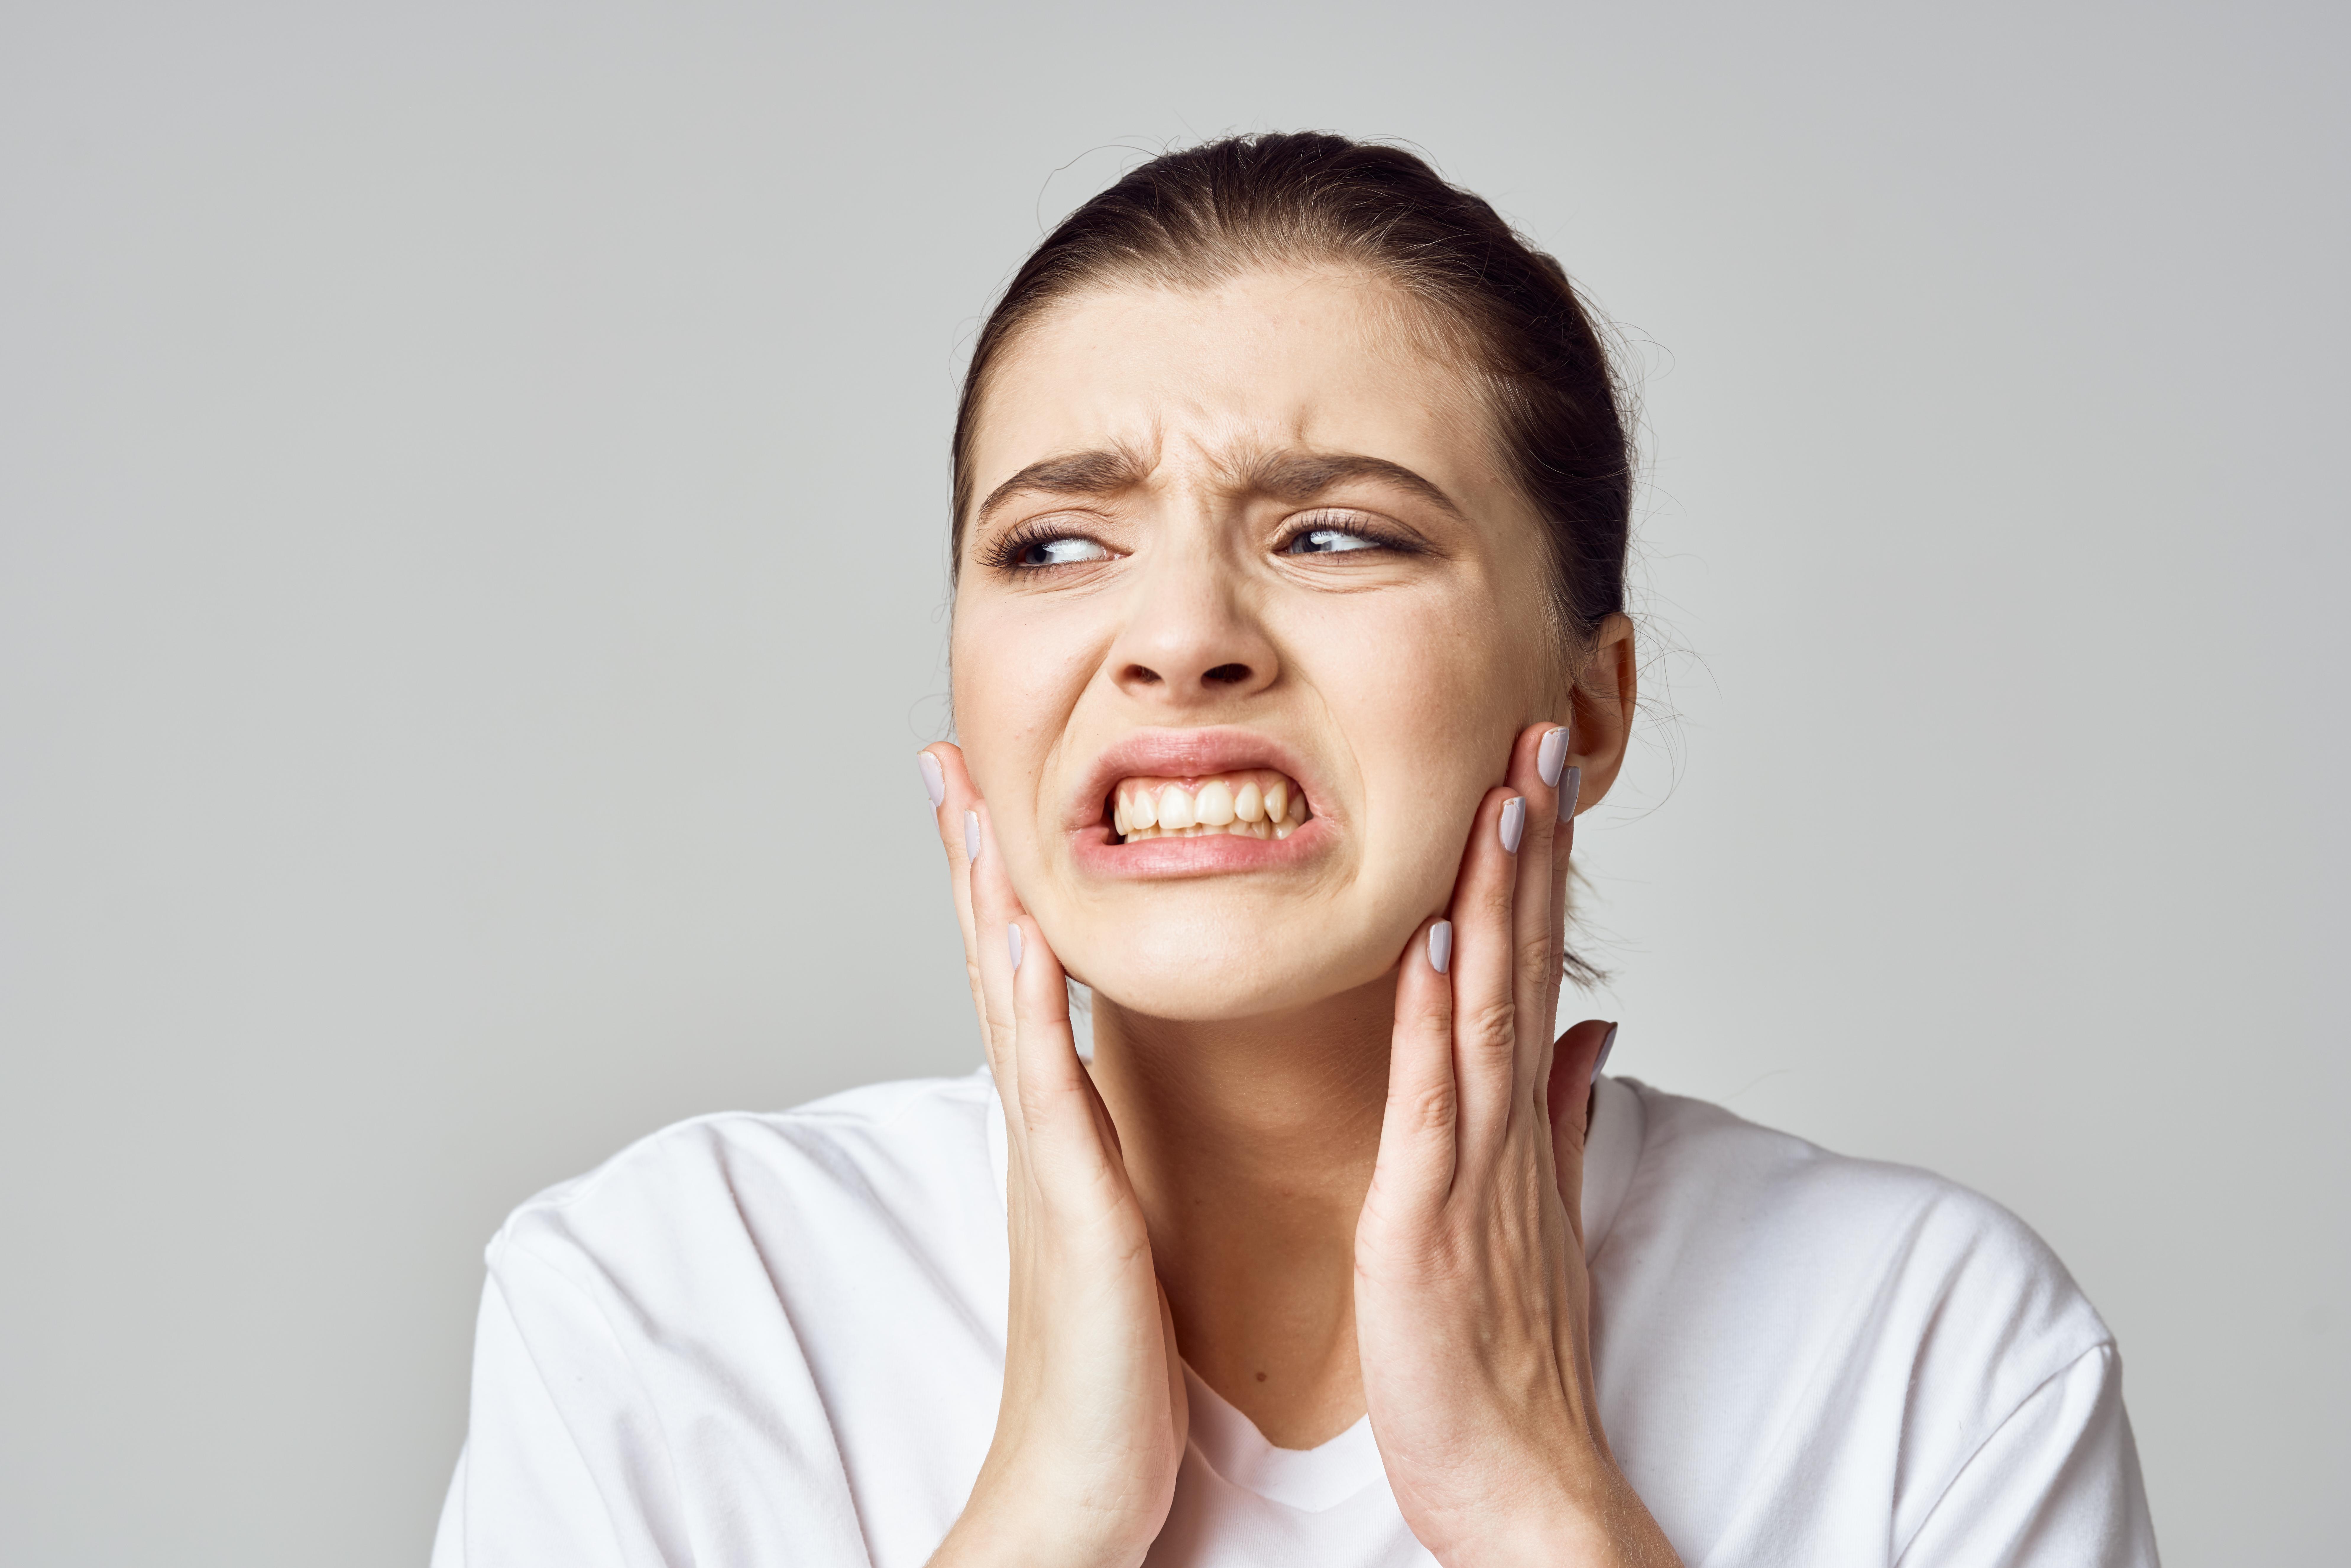 Besvären är vanligen orsakade av smärta från käkmuskulaturen eller käkleden, och en av fem som drabbats utvecklade ett långvarigt smärttillstånd.